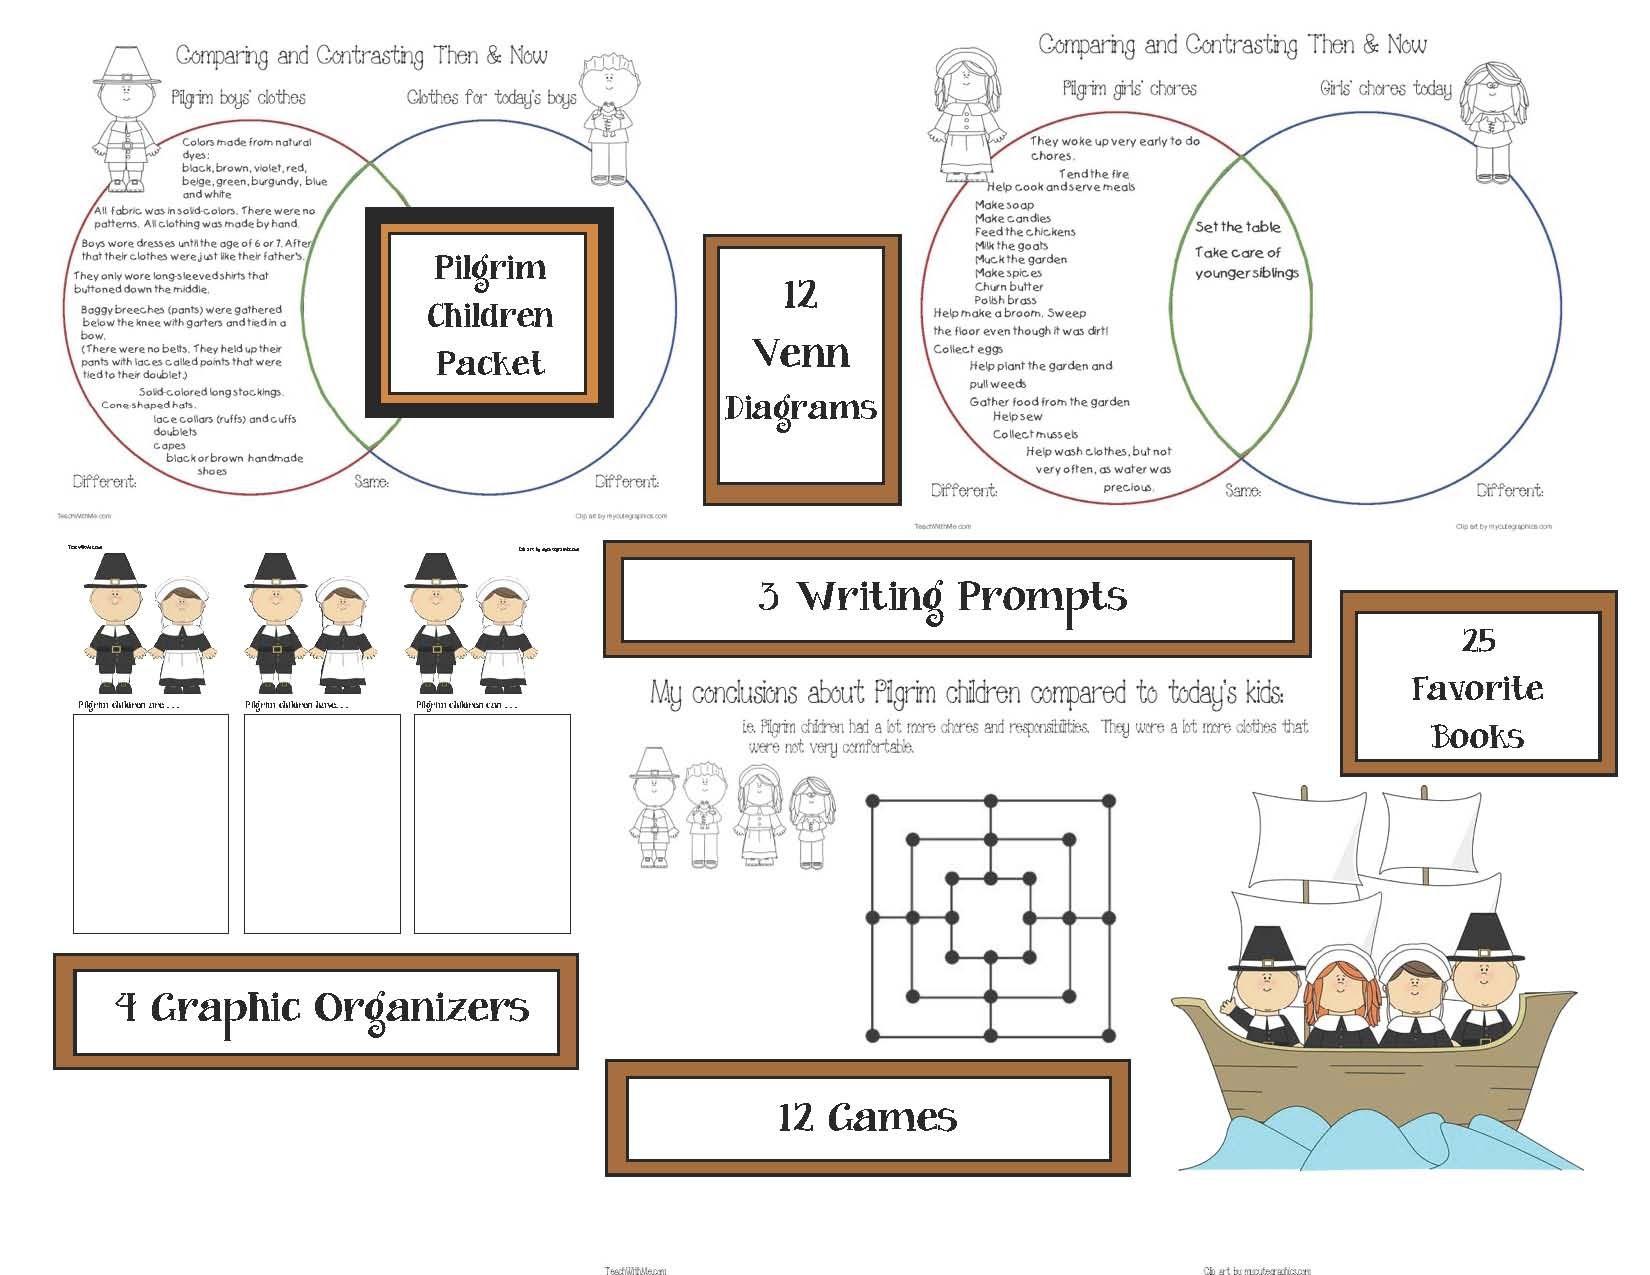 Pilgrim children information venn diagram activities comparison pilgrim children information venn diagram activities comparison and contrast activities venn diagrams for ccuart Images